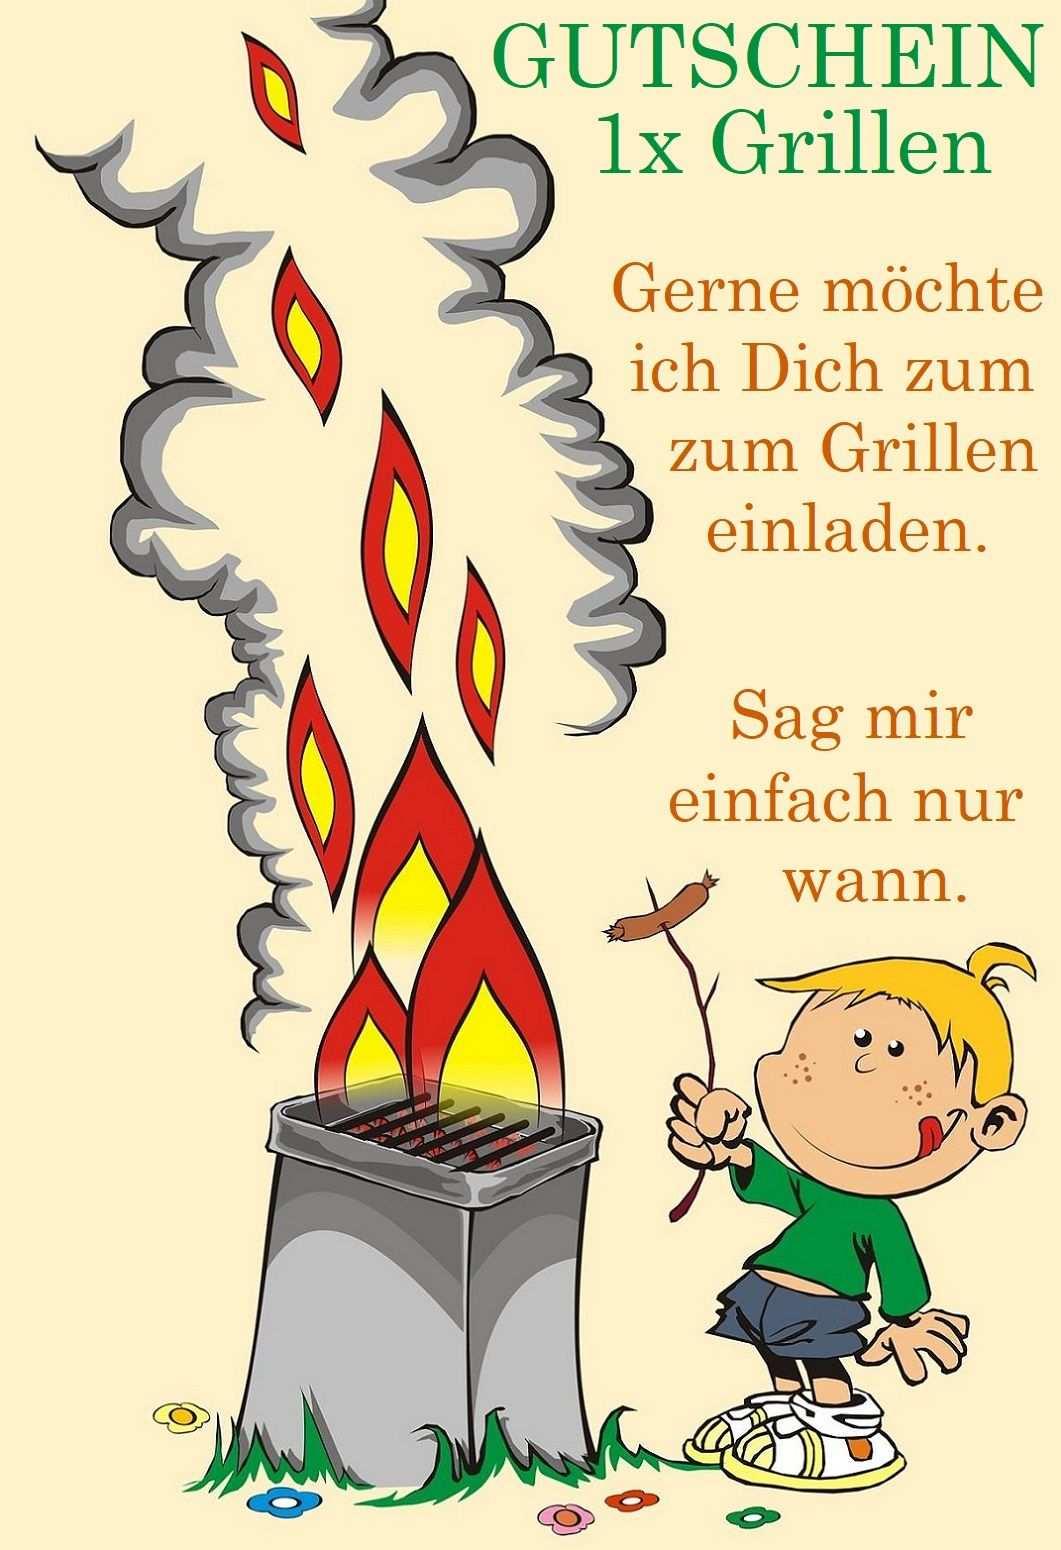 Gutscheinvorlage Furs Grillen Geschenkgutschein Vorlage Gutschein Vorlage Gutschein Ausdrucken